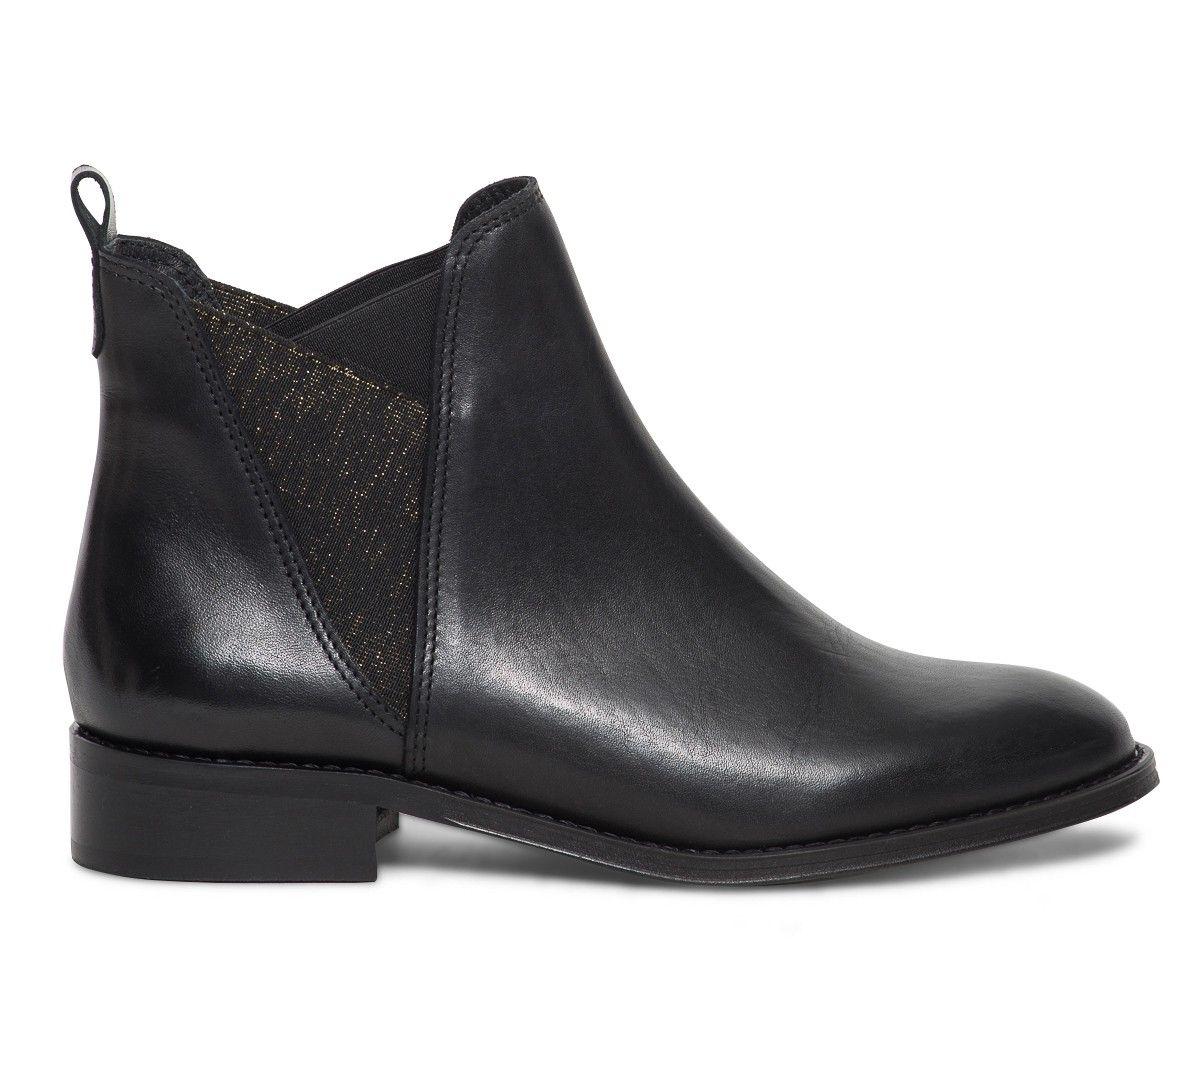 chelsea boots noir à élastiques dorés - boots / bottines